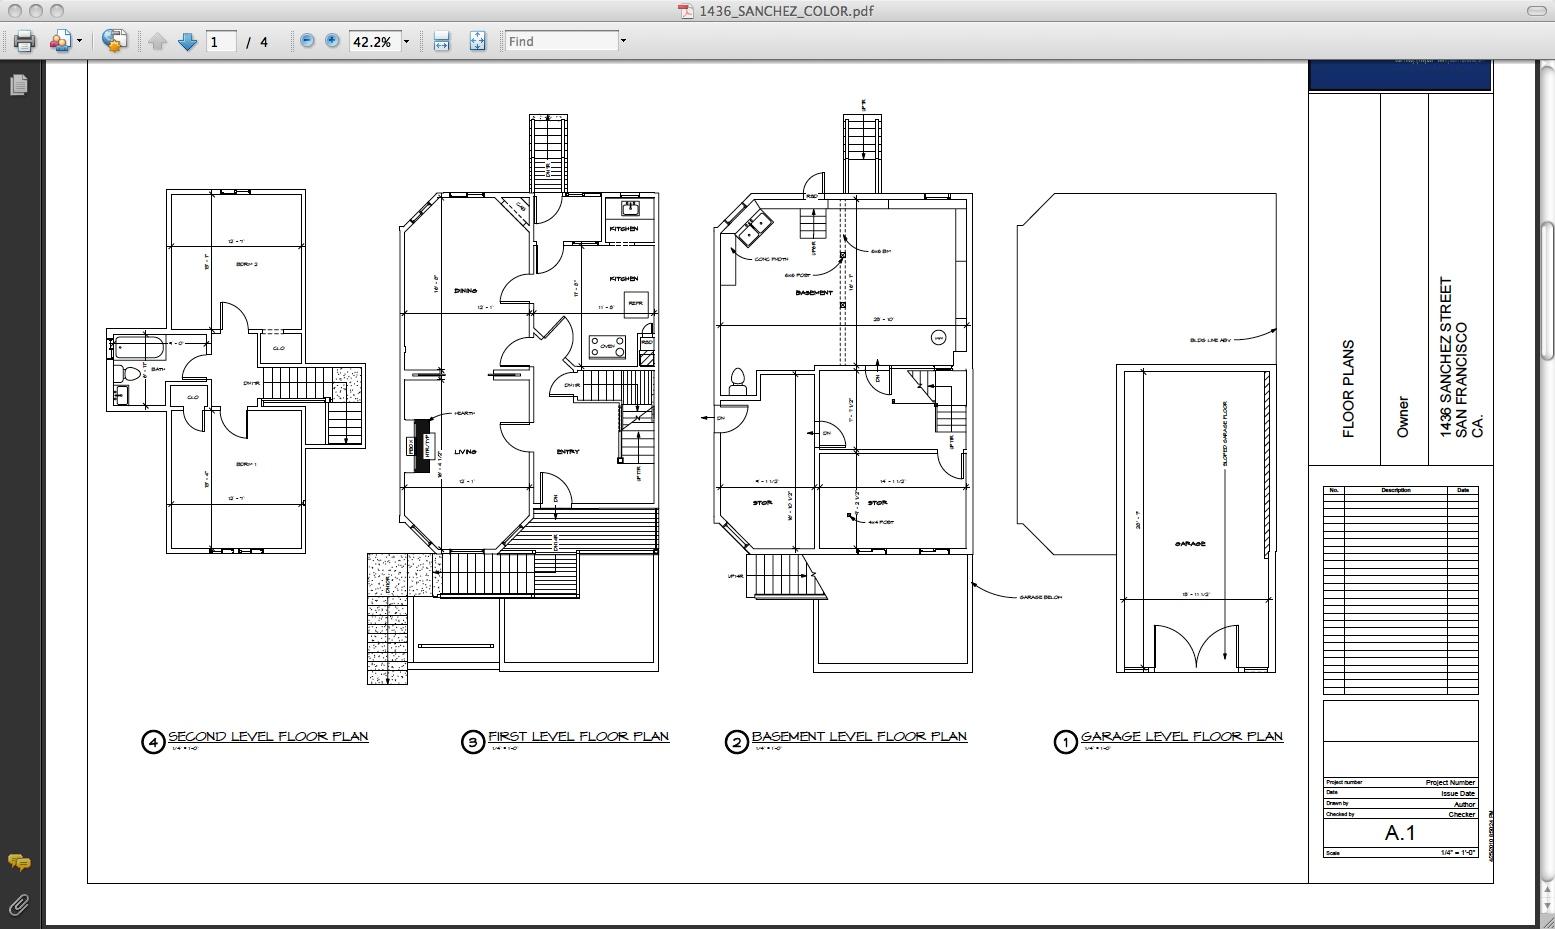 Mark Twain House Floor Plan